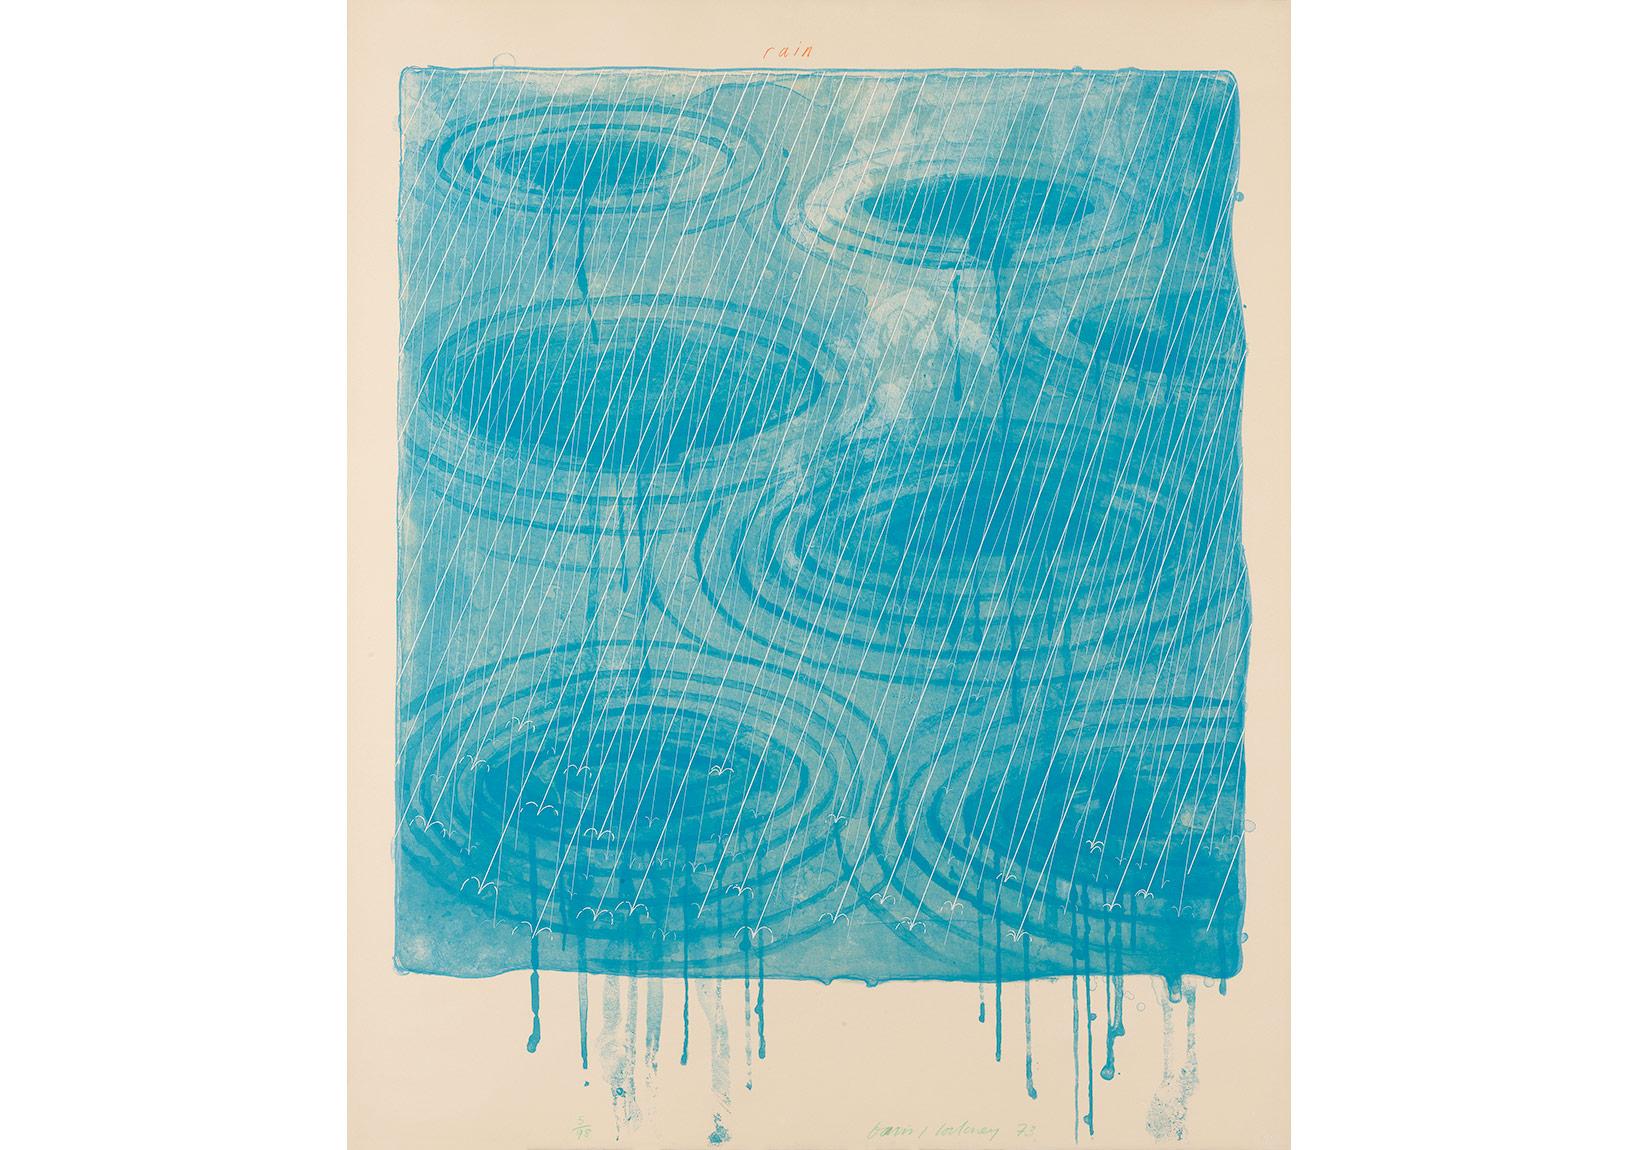 """Daid Hockney, Yağmur """"Hava Durumu"""" Serisinden (1973), Taş Baskı, 98x80 cm."""